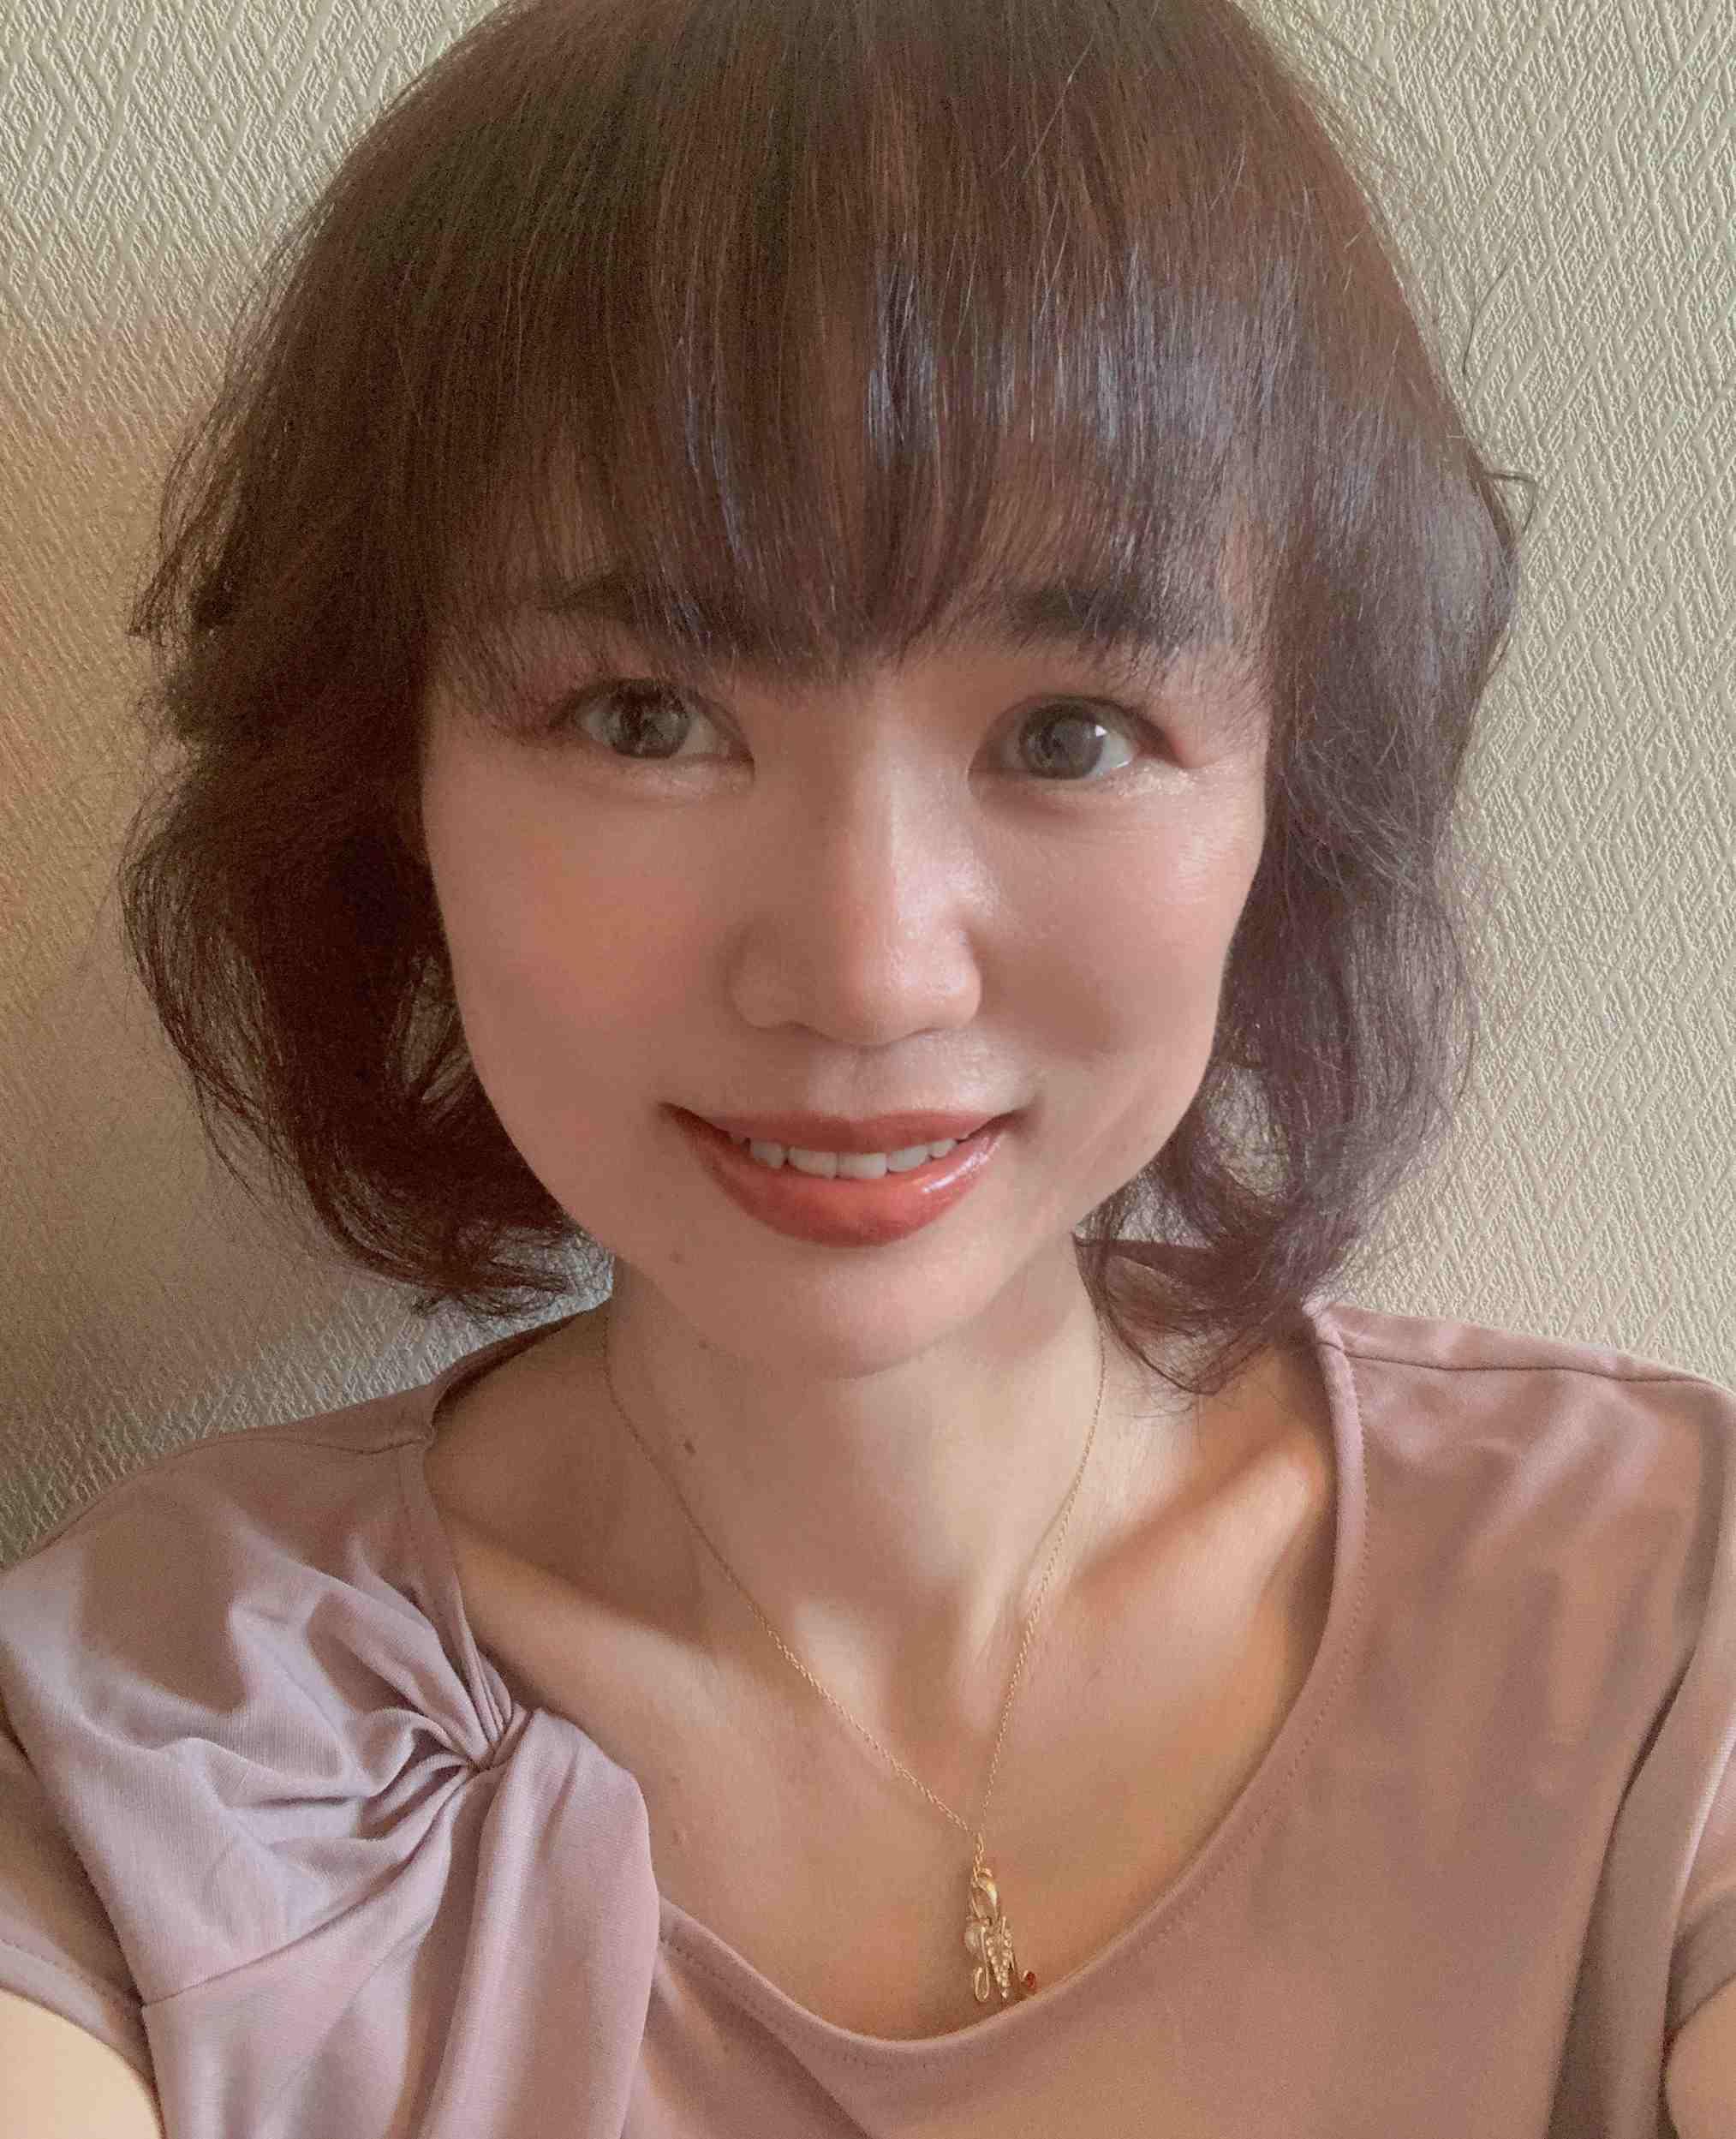 夏のヘアスタイル 頭皮洗浄ケア_1_1